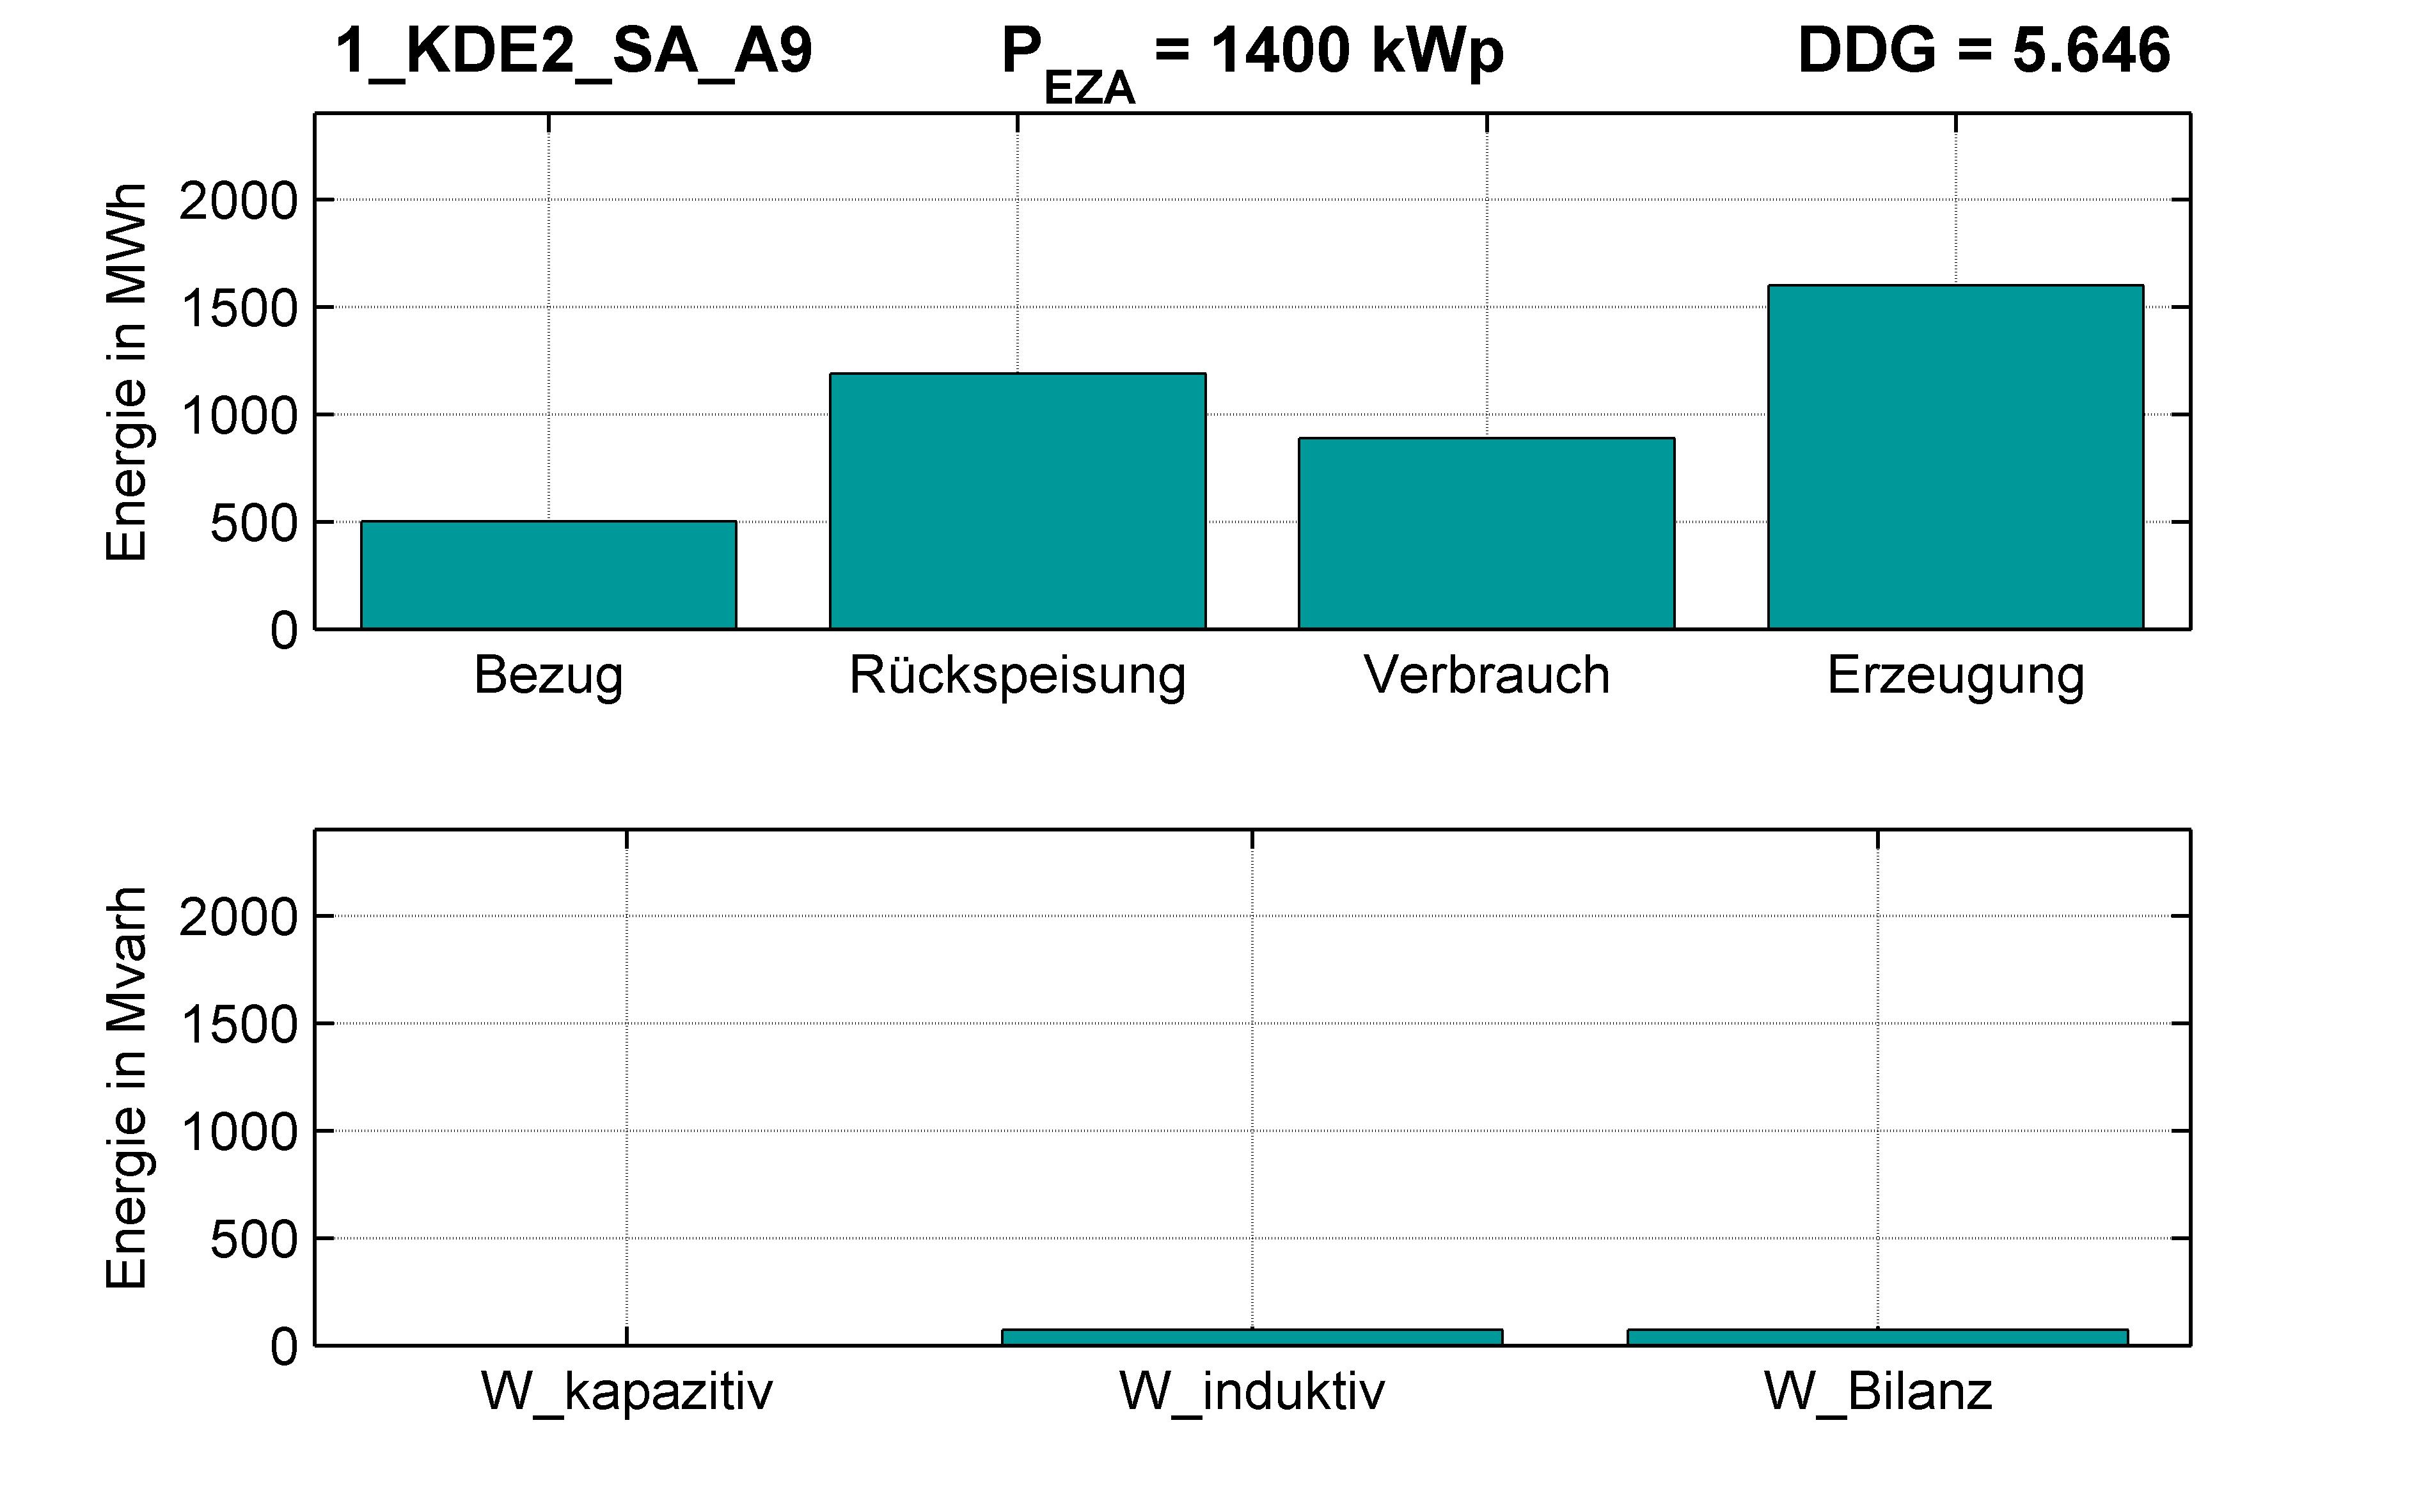 KDE2 | KABEL (SA) A9 | PQ-Bilanz